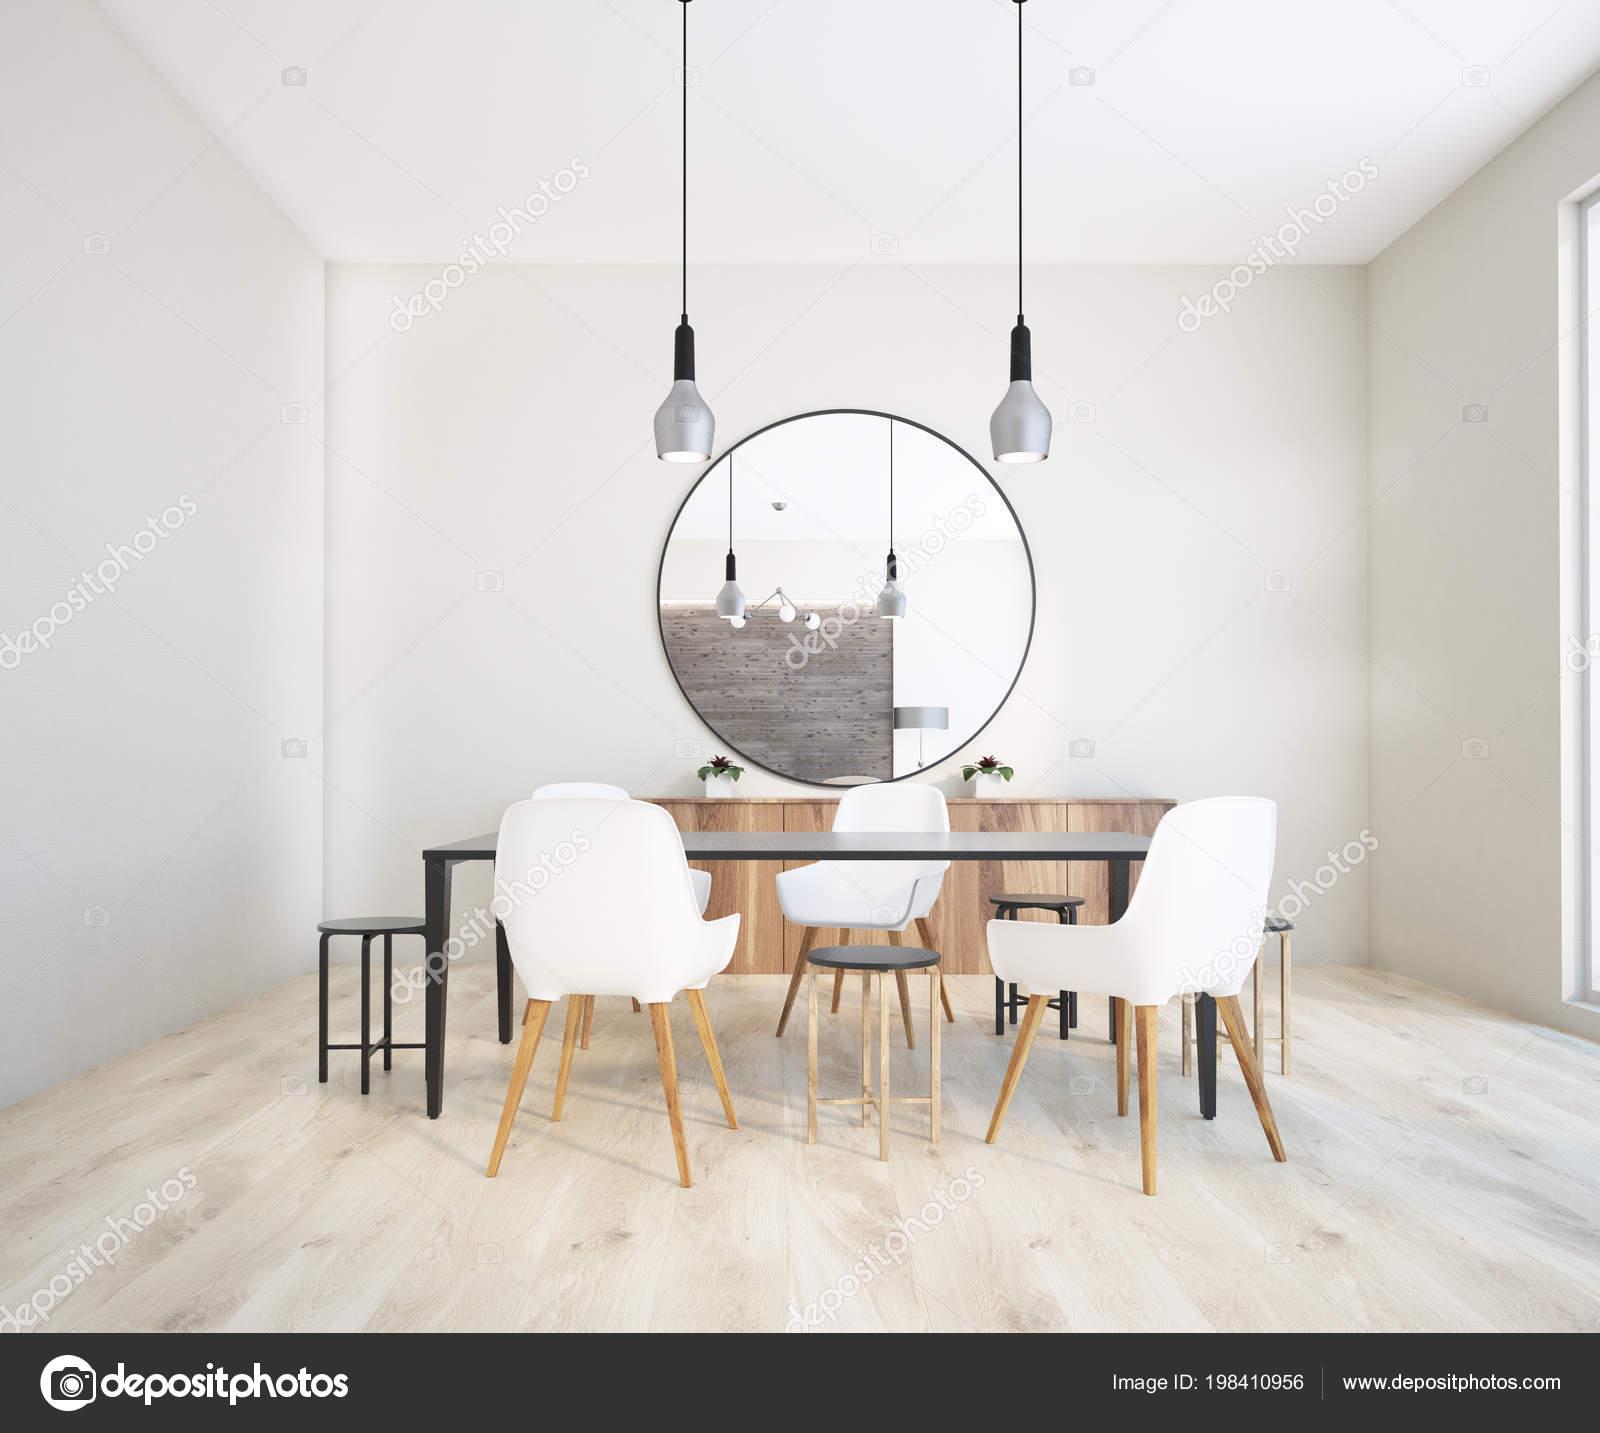 Witte Klassieke Eettafel.Klassieke Witte Muur Eetkamer Interieur Met Een Zwarte Tafel